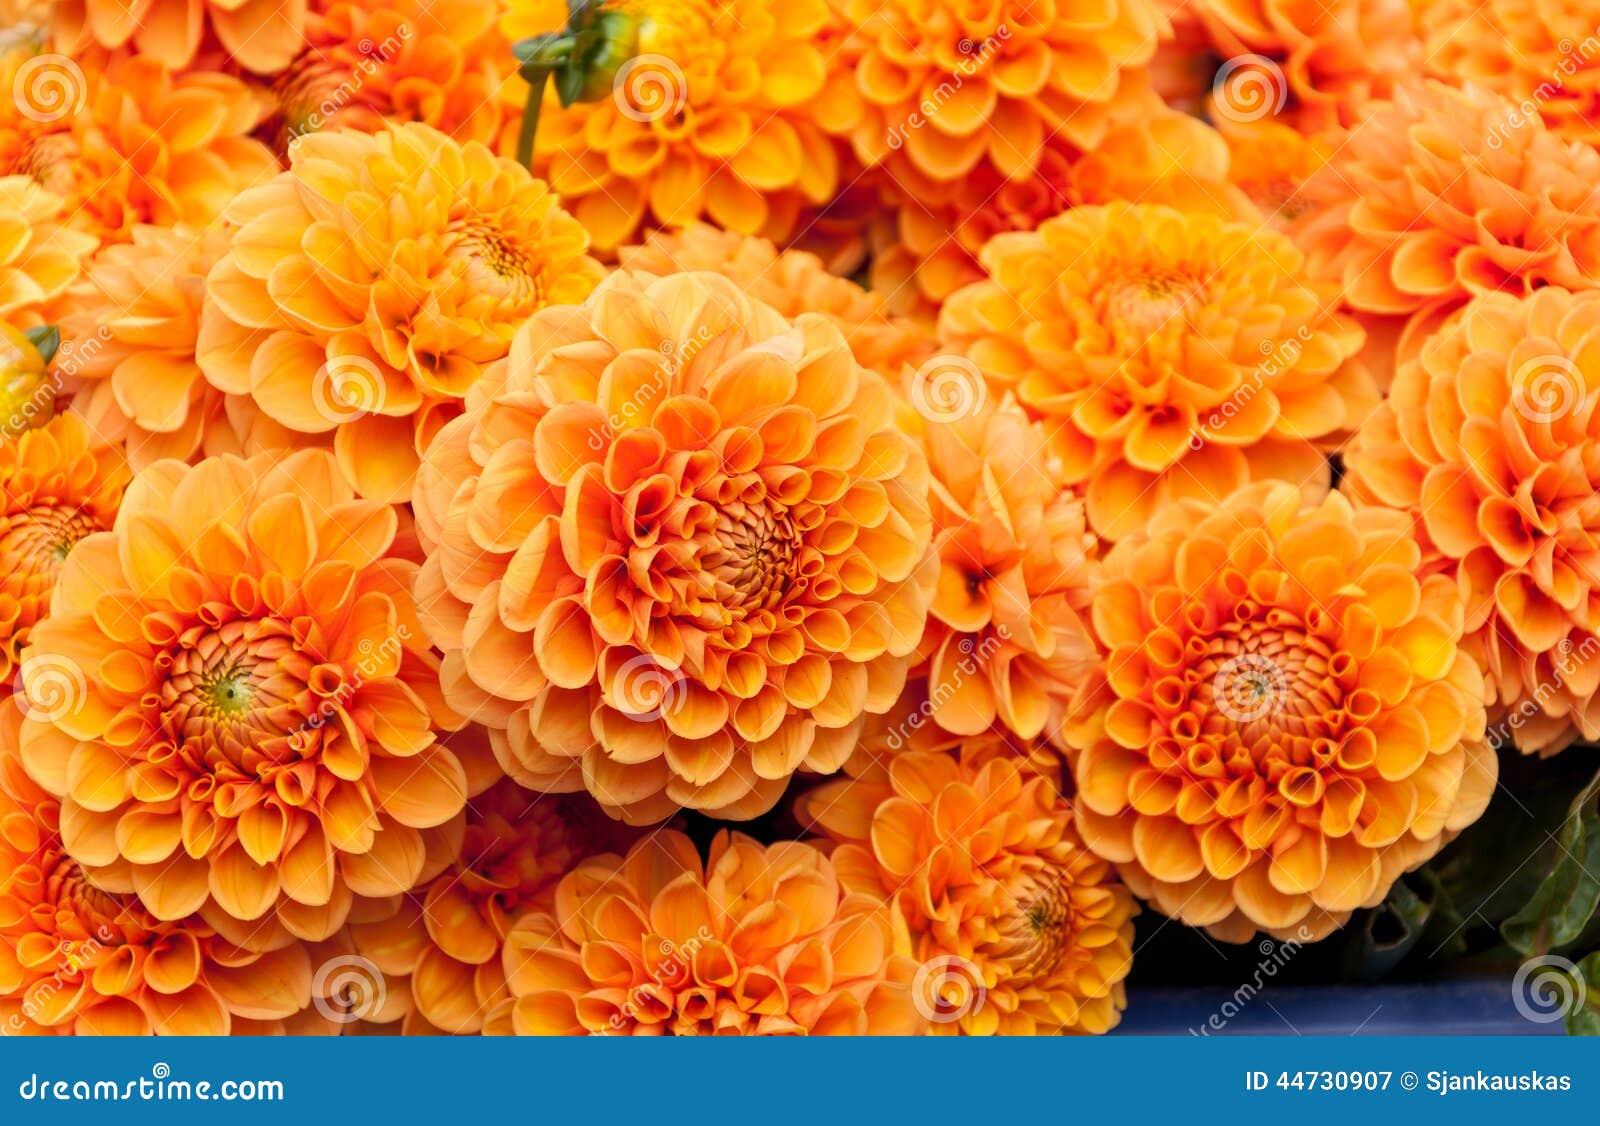 Orange Dahlia Flower Background Stock Image Image Of Leaf Blossom